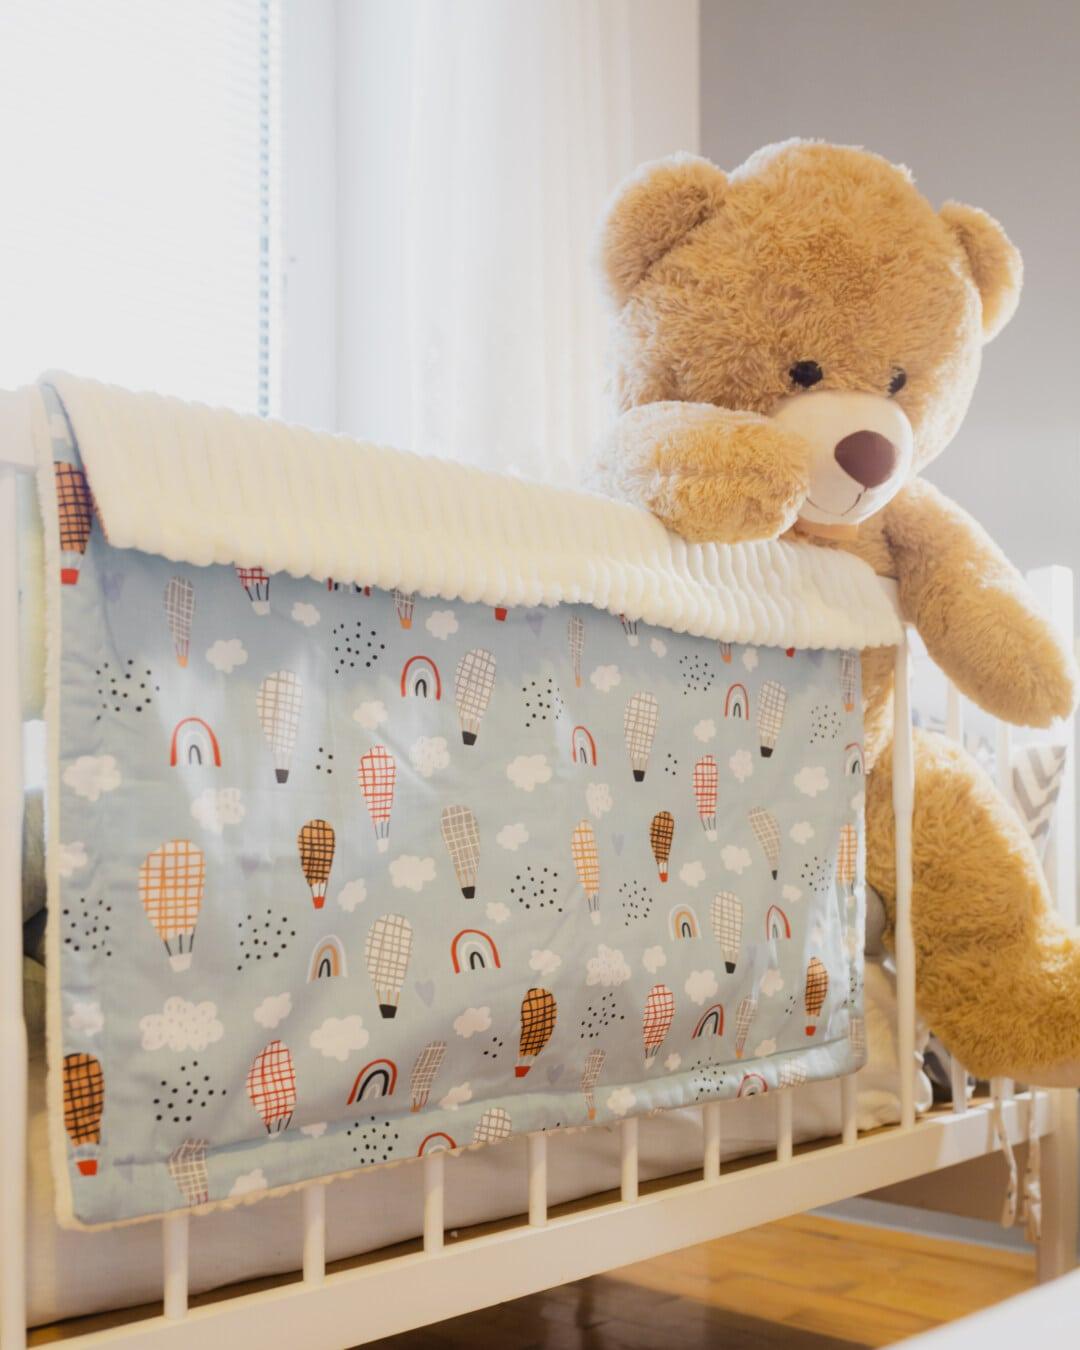 brun clair, ours en peluche, jouet, gros, couverture, lit, chambre à coucher, bébé, chambre, mignon